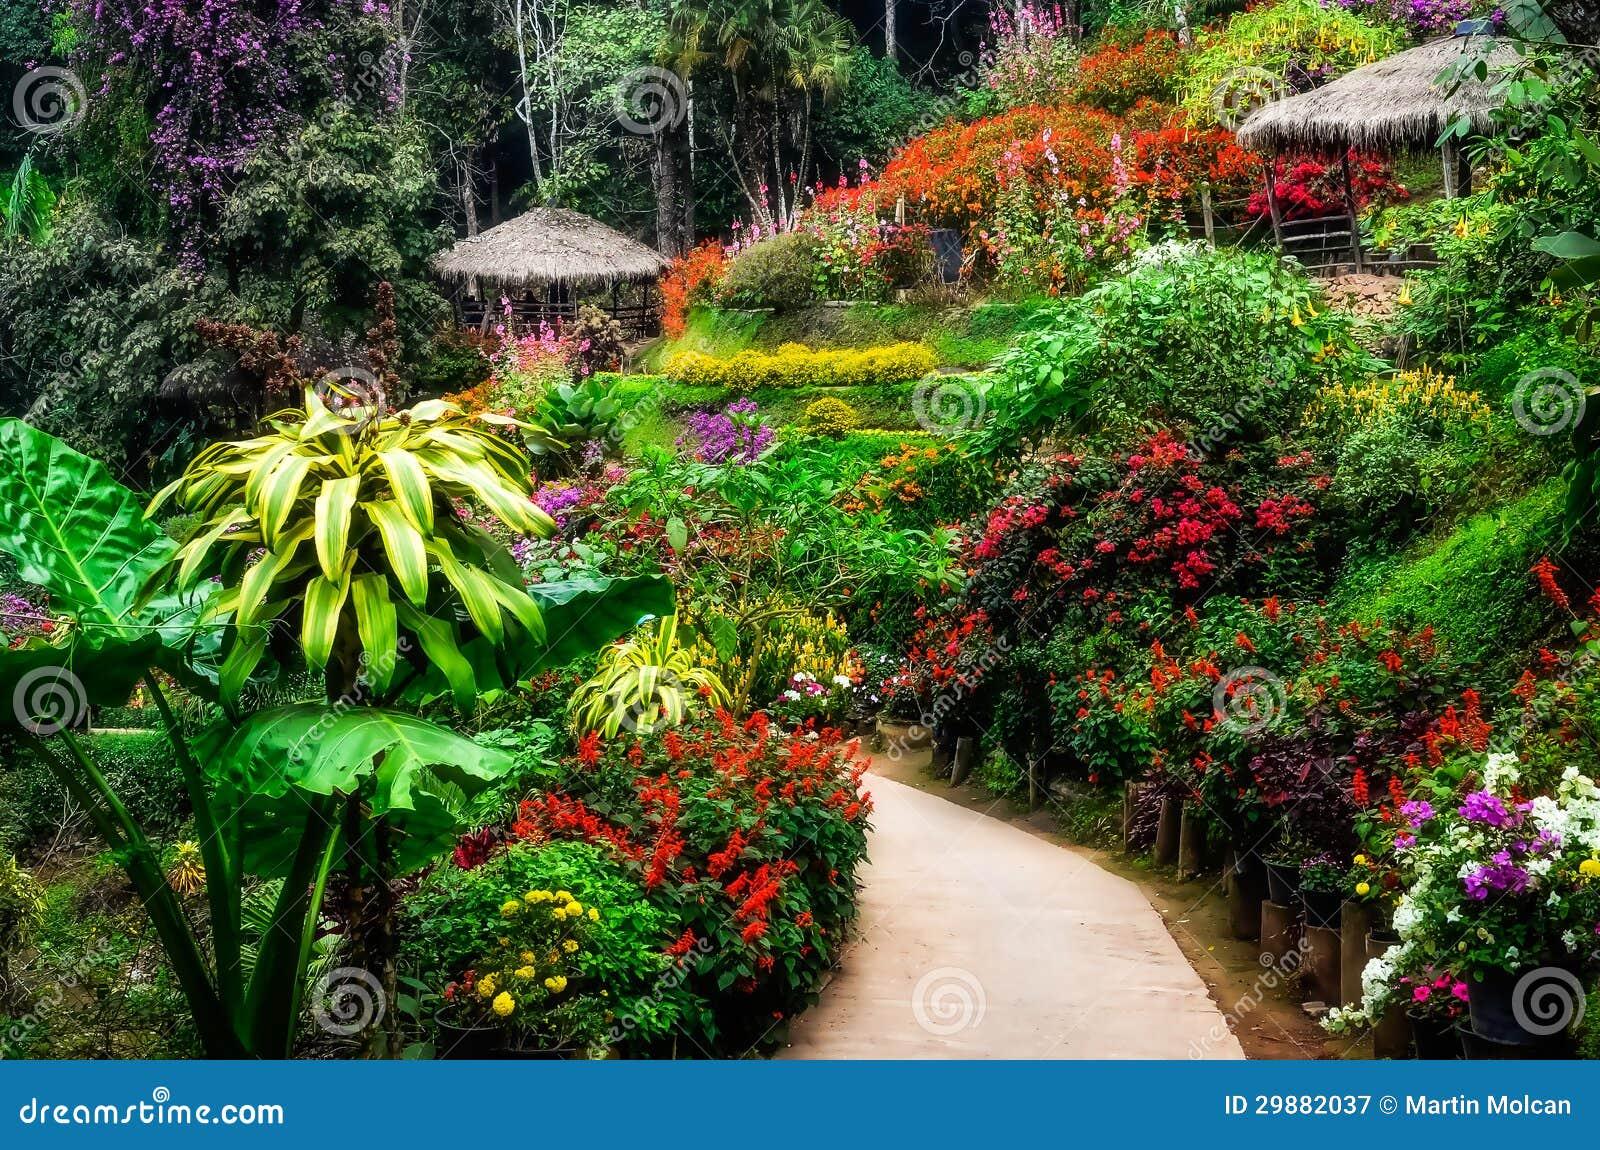 jardin d 39 agr ment color et paisible am nag en parc dans la fleur image stock image du. Black Bedroom Furniture Sets. Home Design Ideas